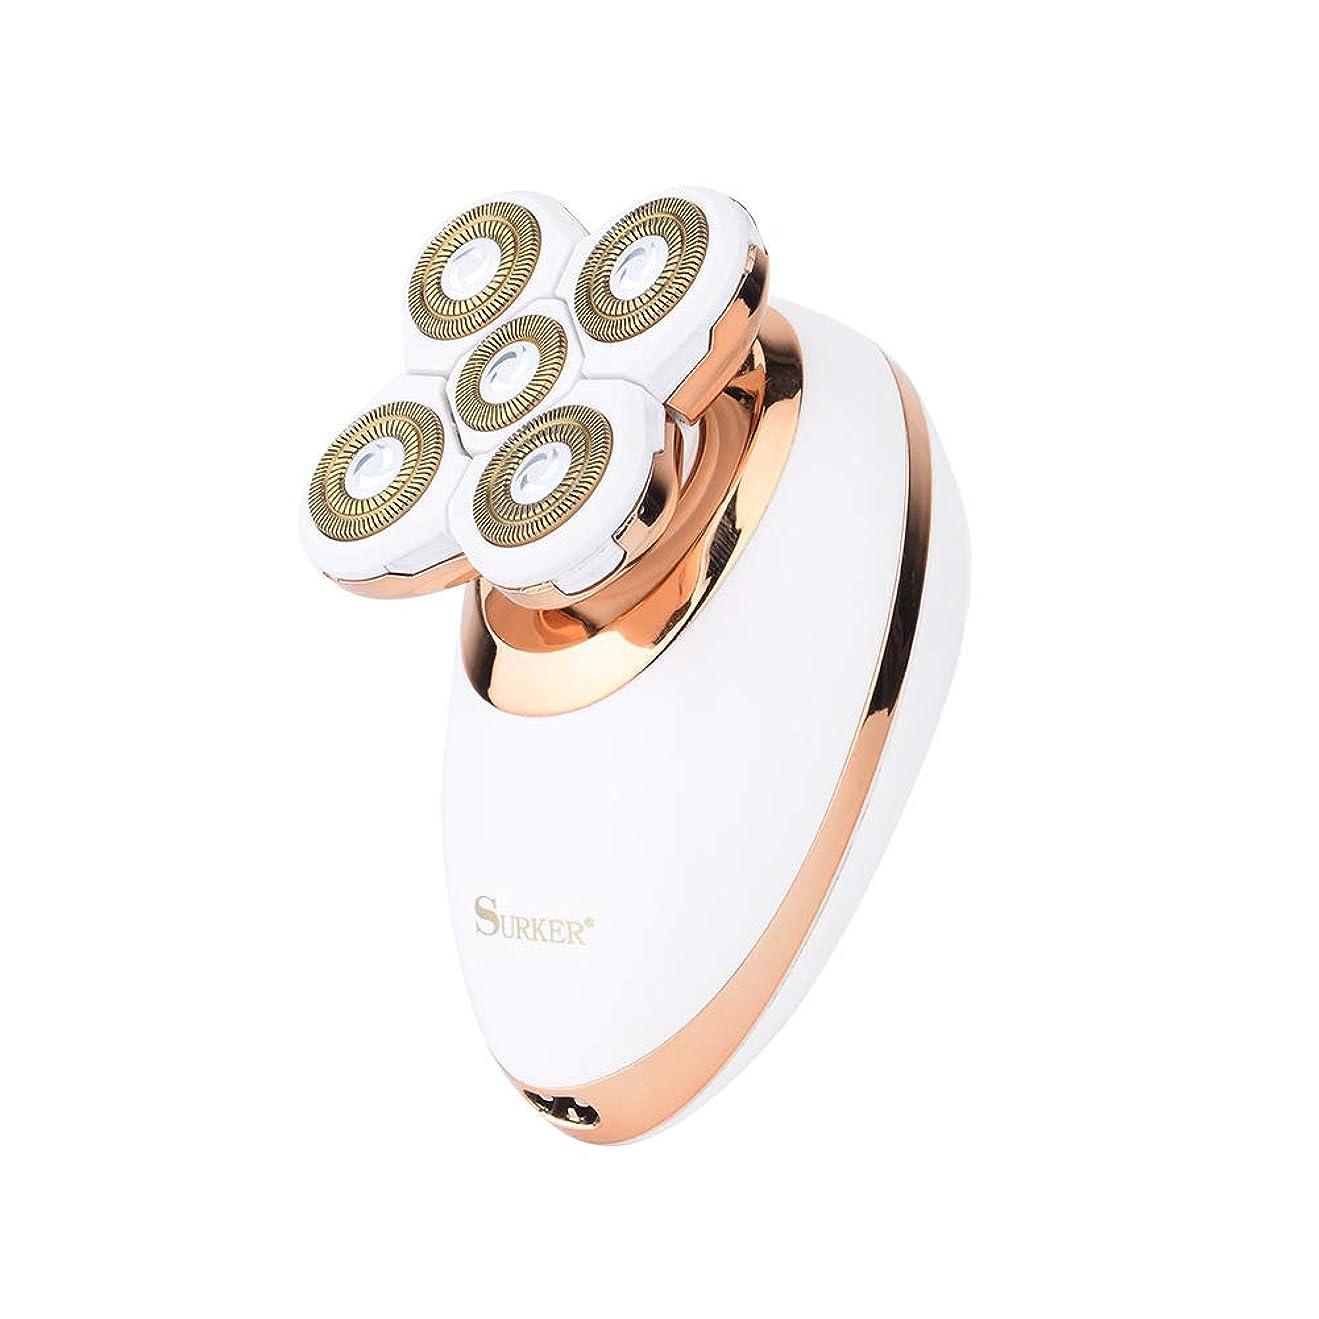 シャベル関与するリブコードレス電動脱毛脱毛器、充電式防水電気シェーバーインスタント脱毛器、ウェット&ドライ。